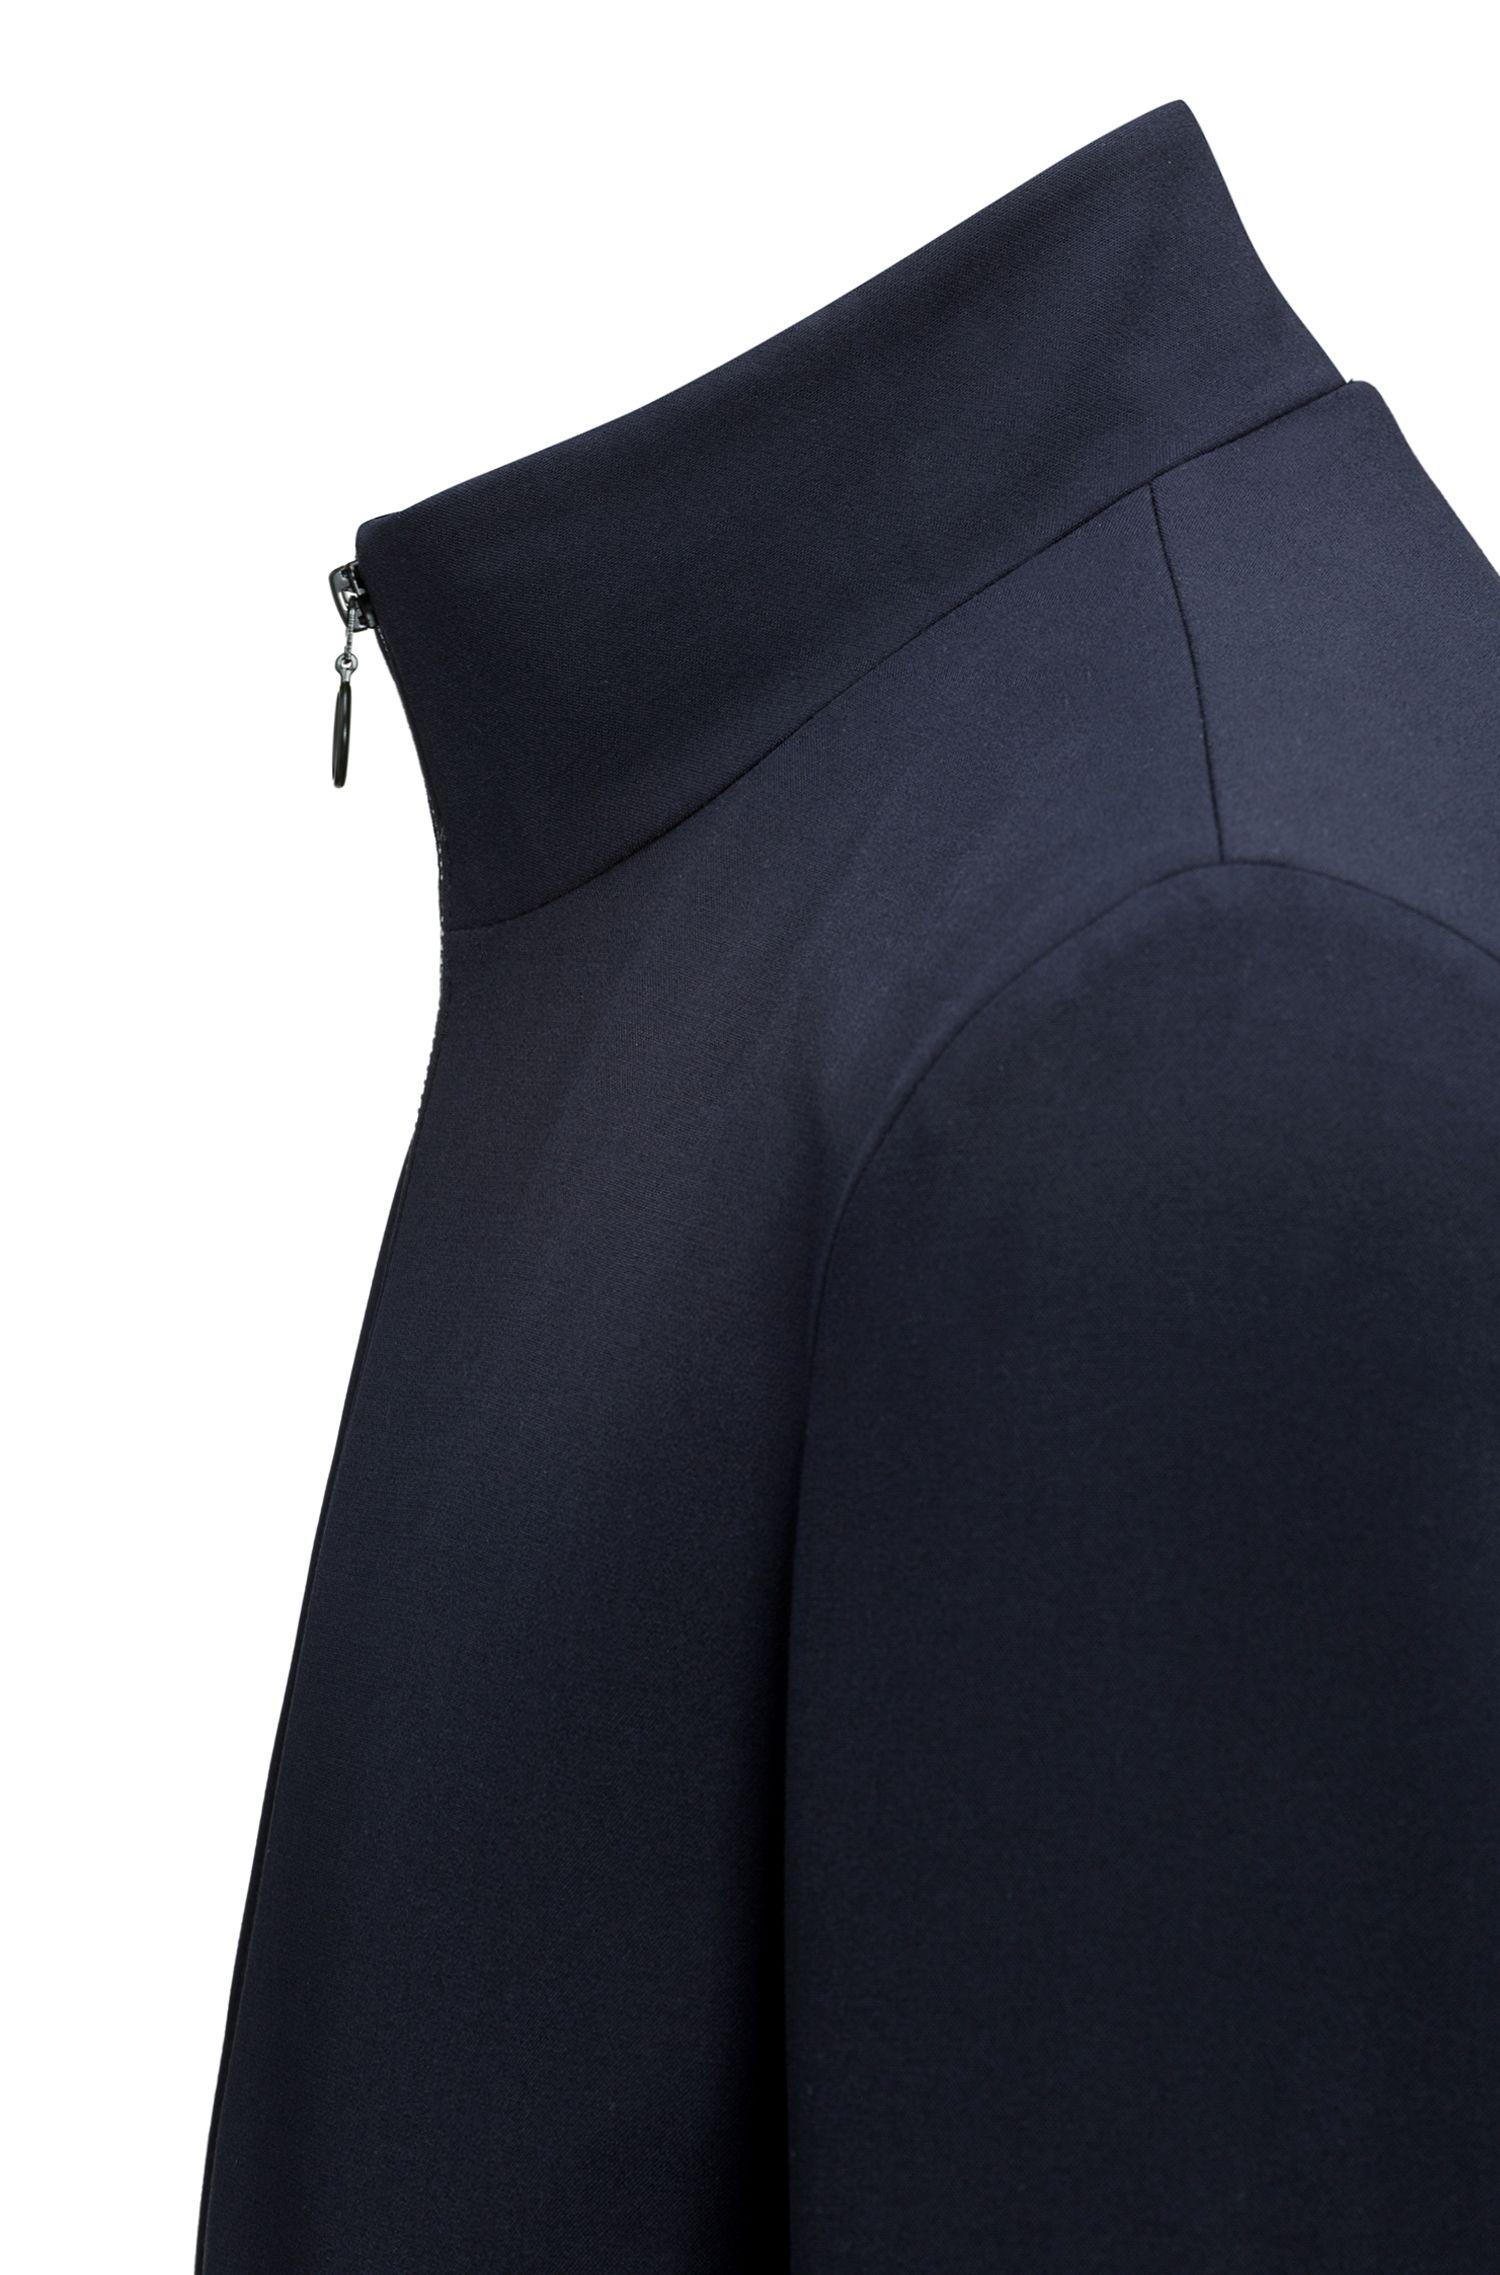 Giacca con zip integrale in tessuto tecnico elastico